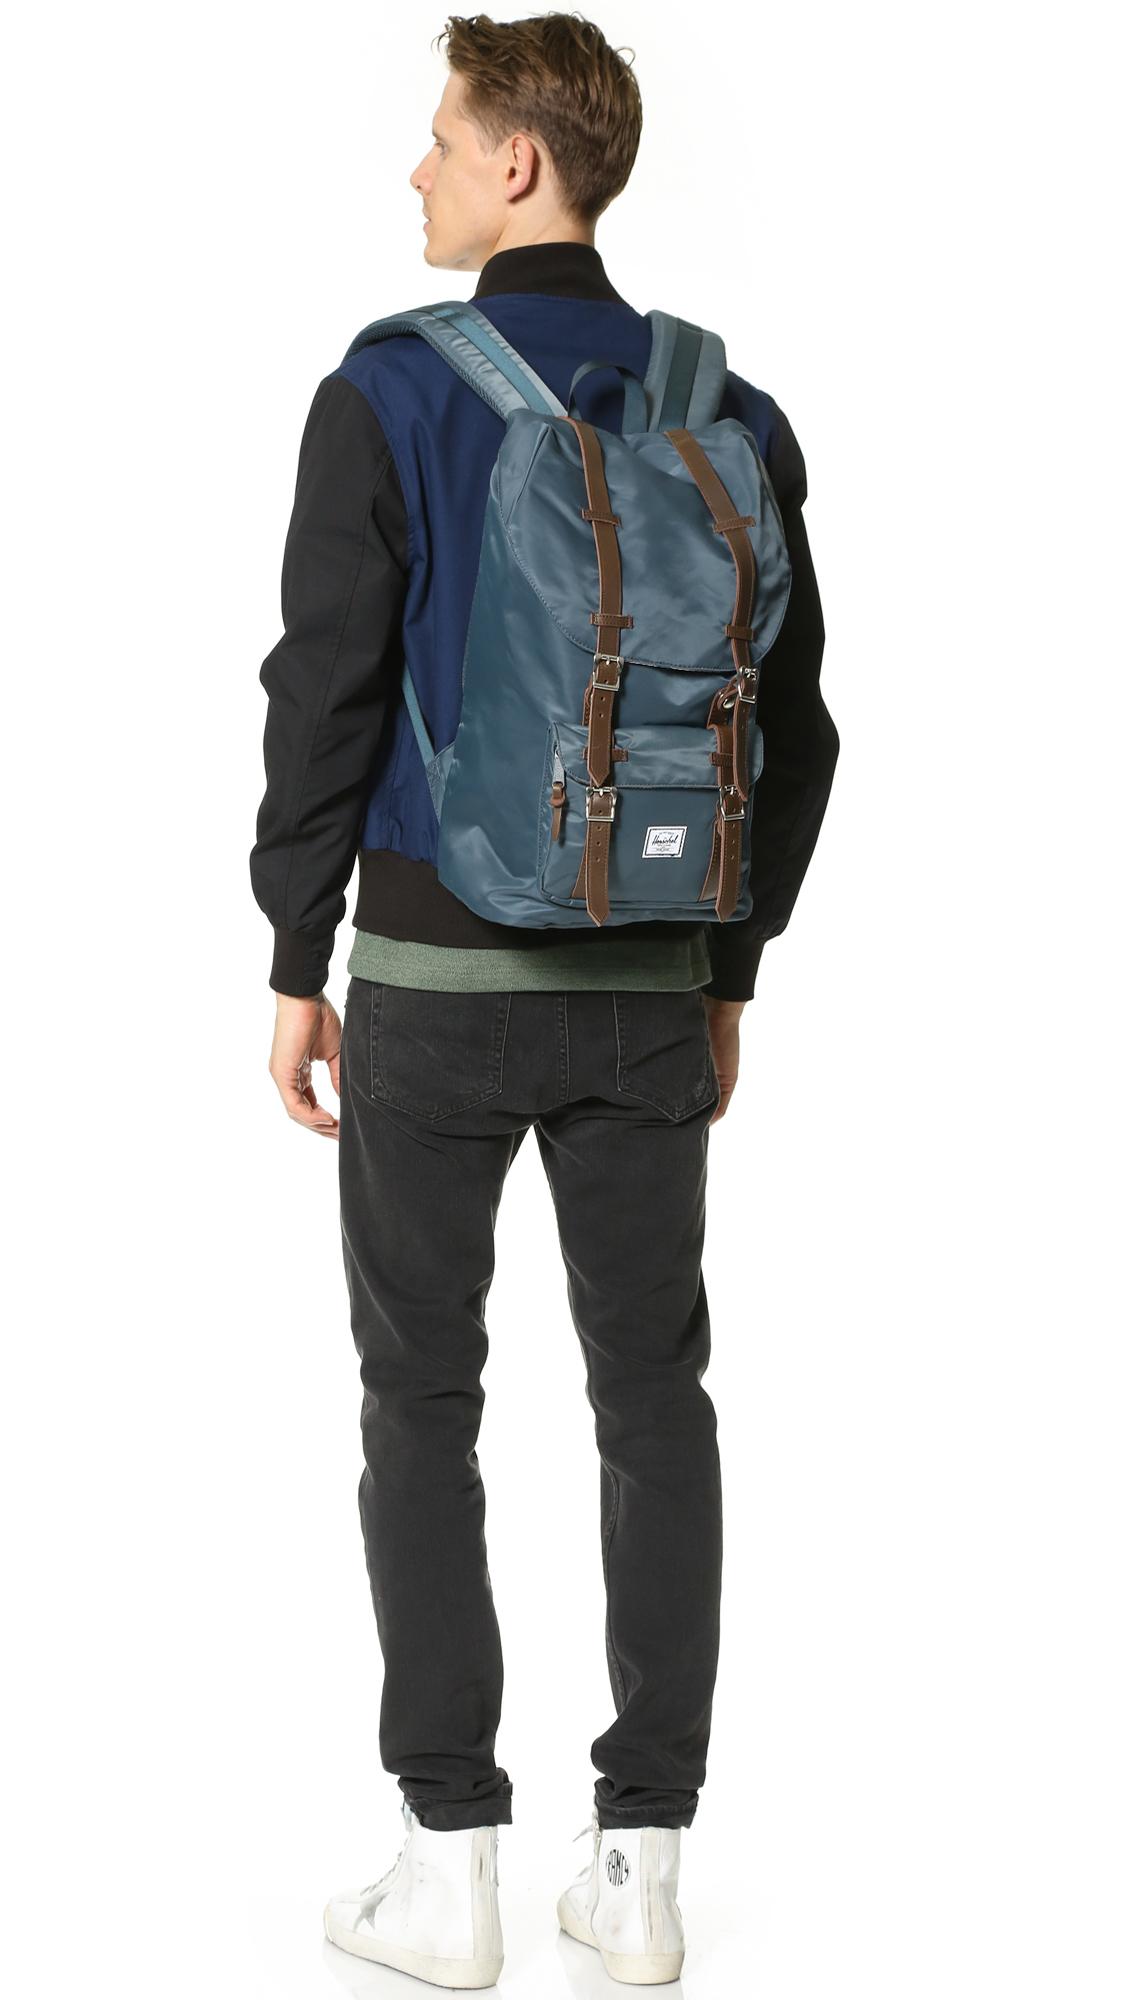 Lyst - Herschel Supply Co. Little America Nylon Backpack in Blue for Men acee391b9ec9f